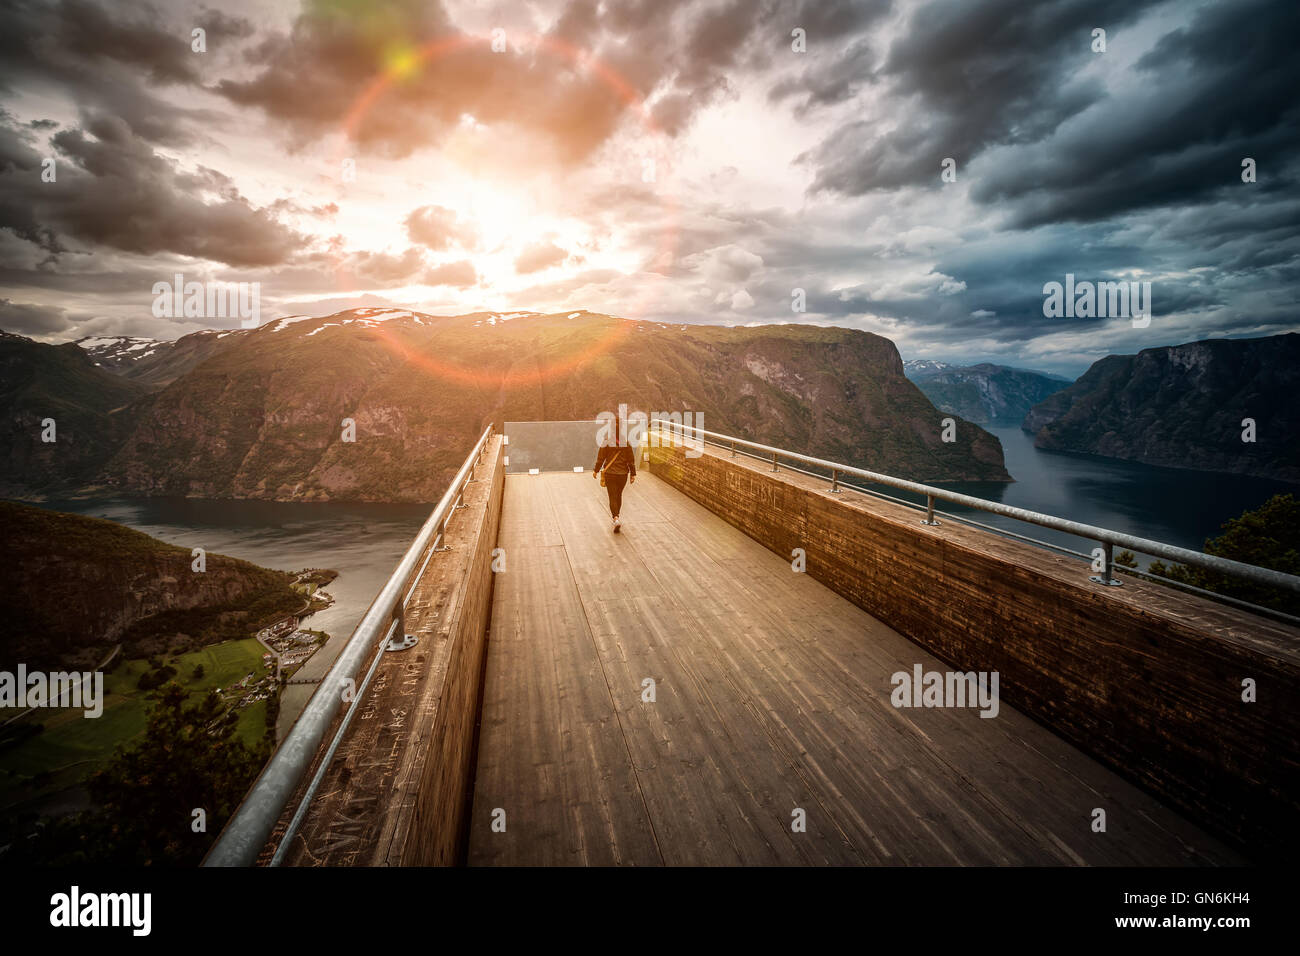 Aussichtsplattform Stegastein Lookout Point schöne Natur Norwegen anzeigen Stockbild